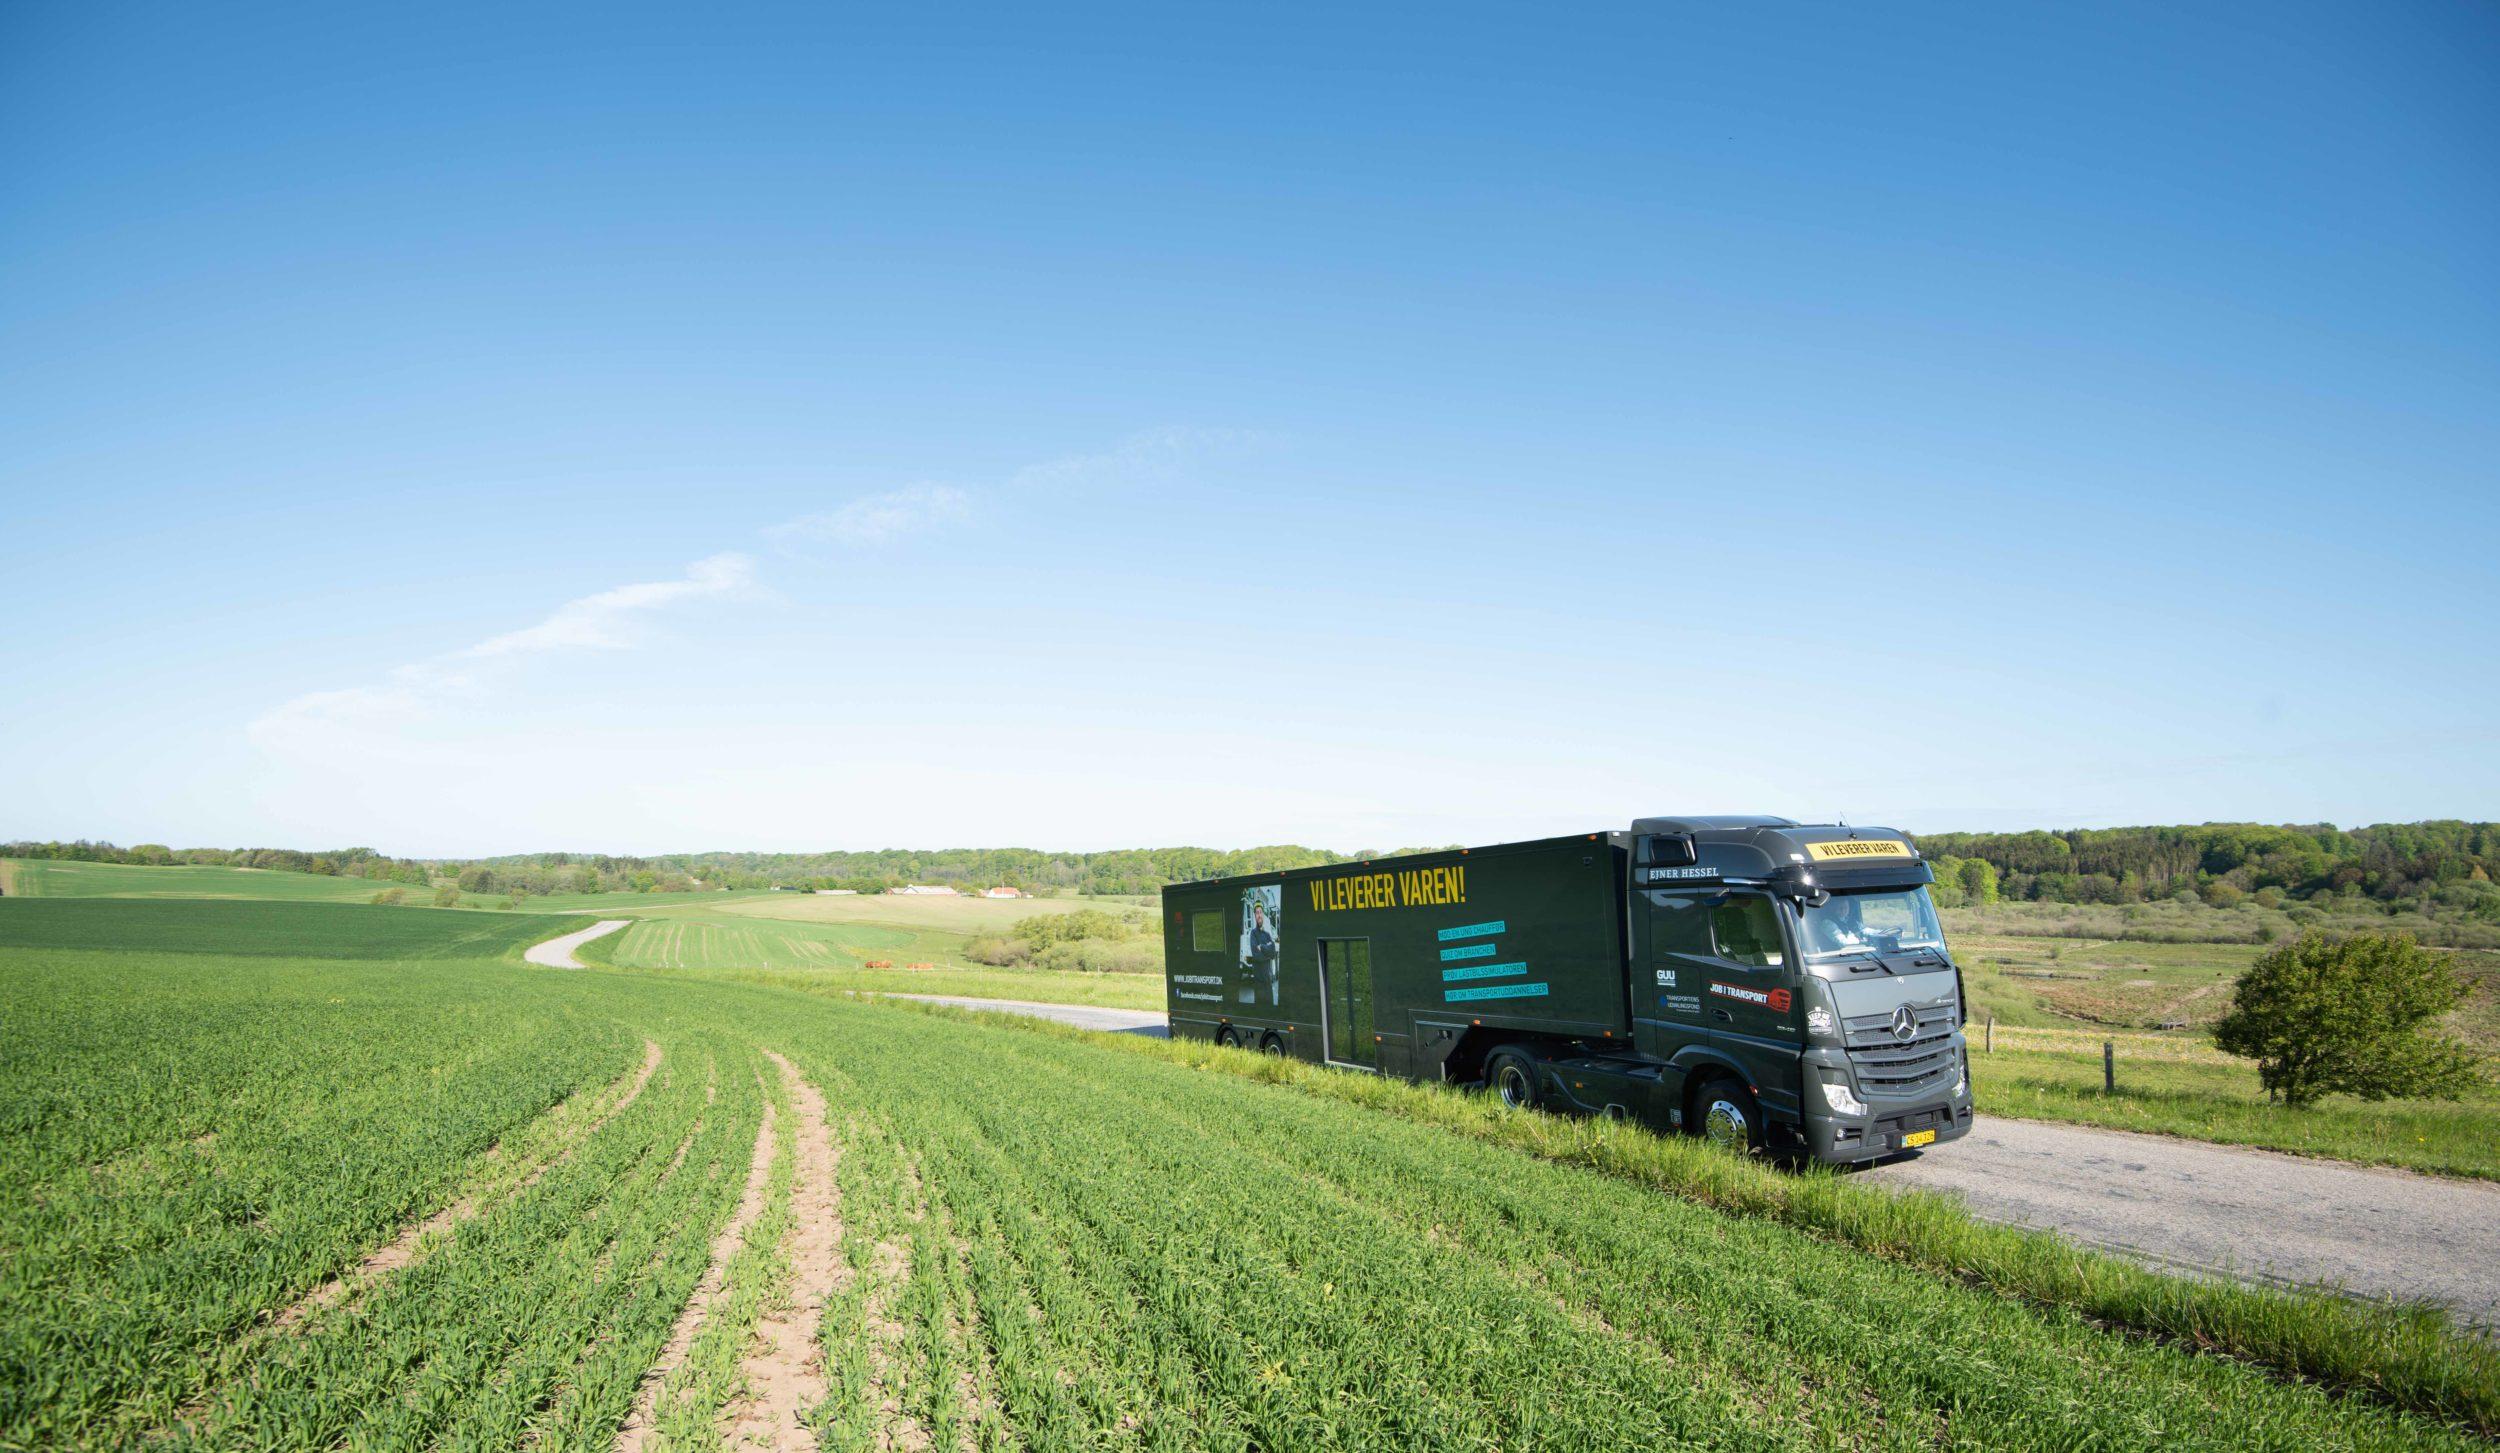 Populær kæmpe-truck på Danmarksturné besøger Roskilde